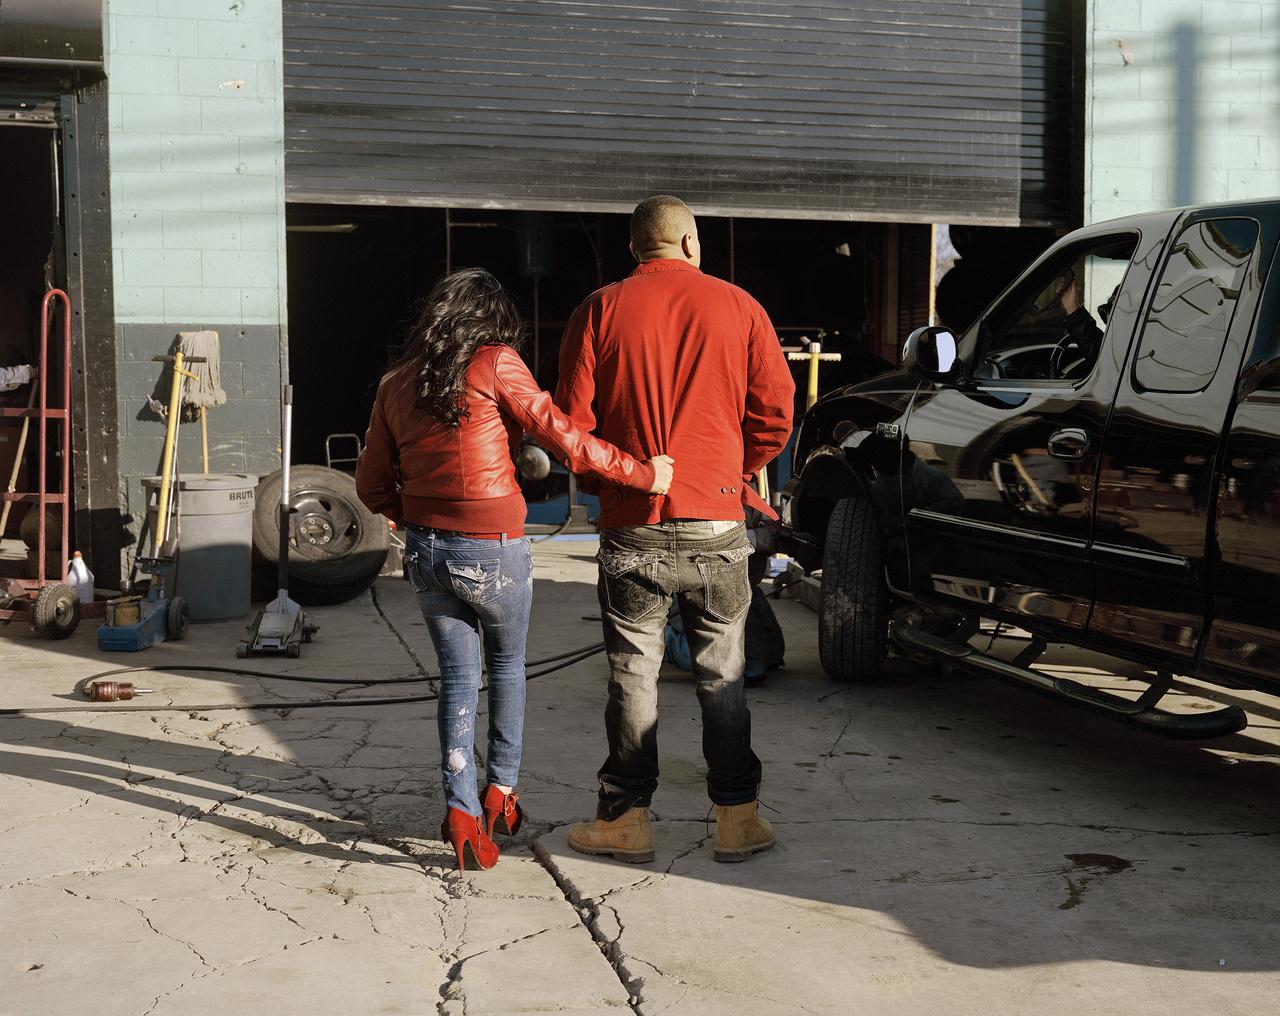 Piros ruhás pár egy autóbontóban. Kurtland a Highway Kind című legújabb munkájában az utazással és a szabadsággal foglalkozik, amik a hétköznapokban távolról sem annyira idilli, mint azt minden utazó megálmodja magának.